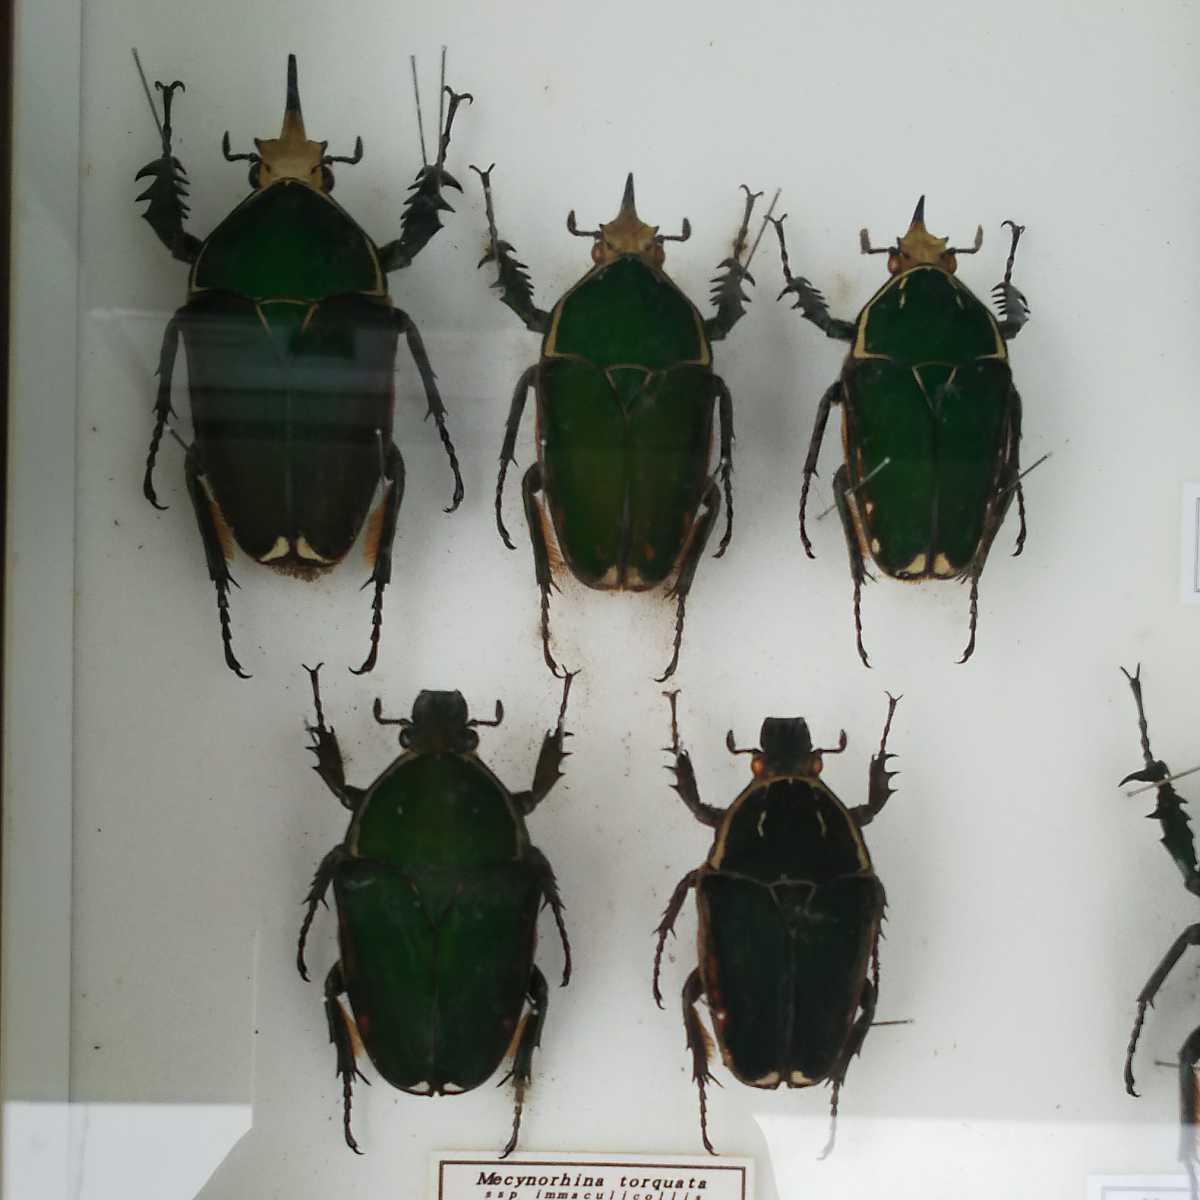 値段交渉OK 昆虫標本 カナブン No2 35頭 ドイツ箱_画像4